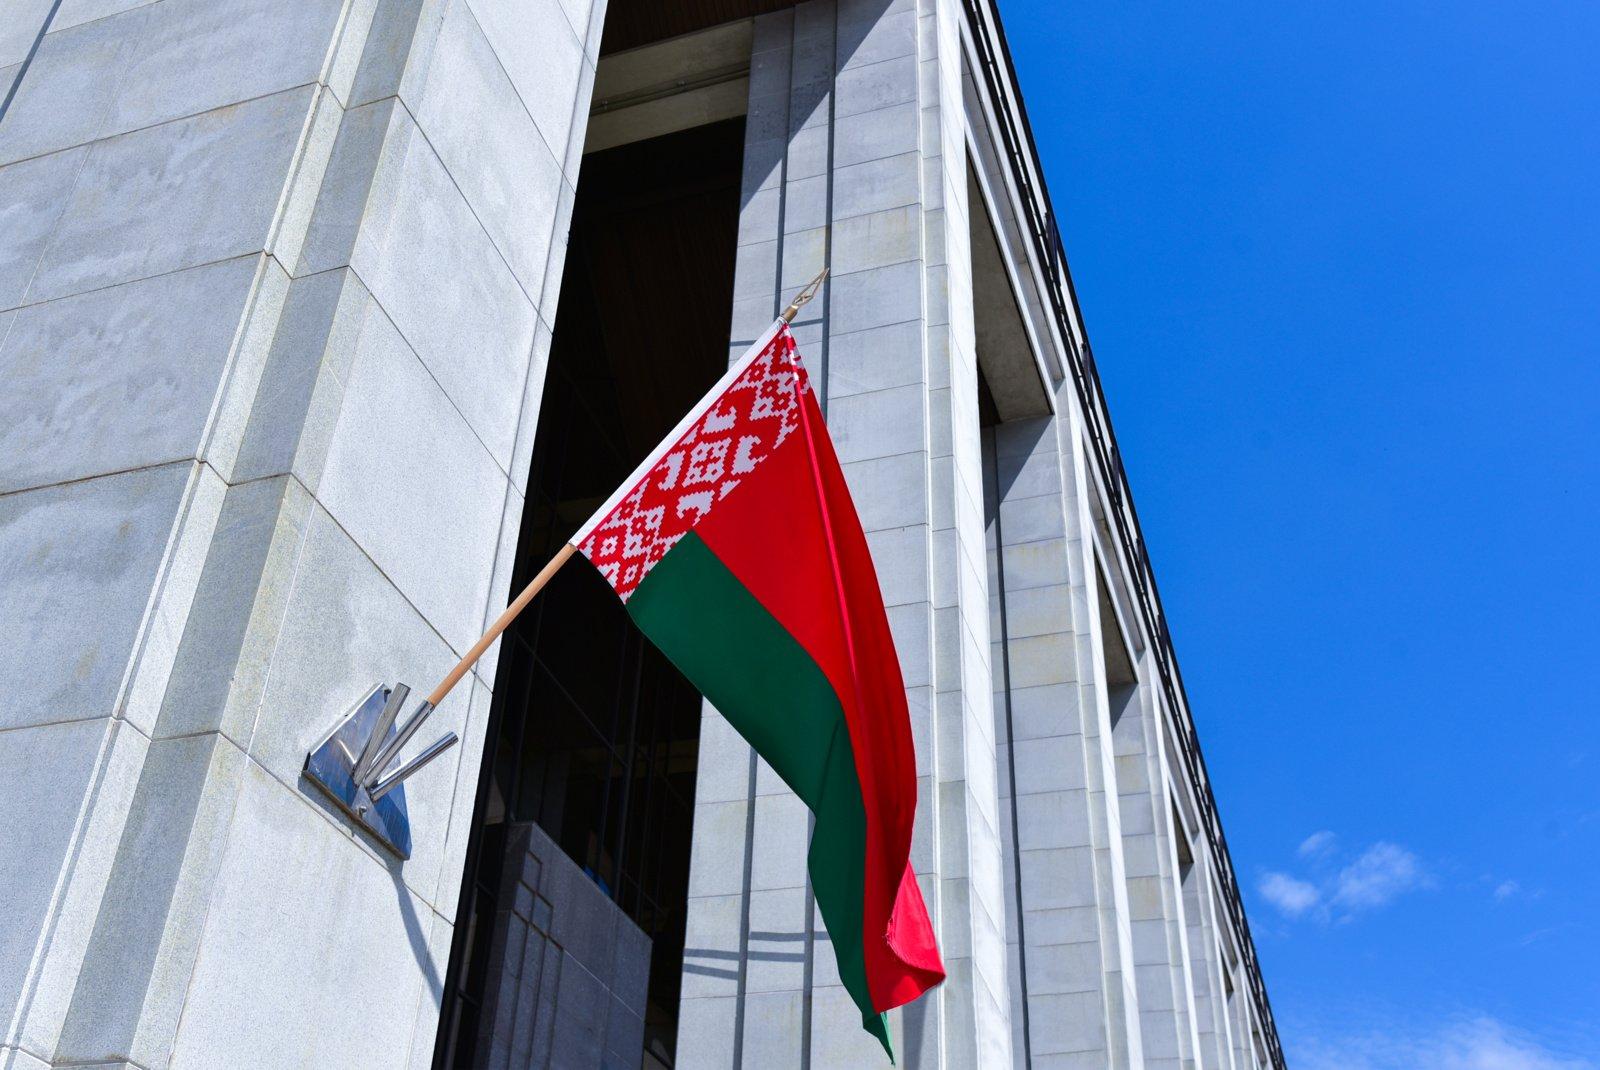 Baltijos šalių ir Lenkijos prezidentai ragina Baltarusijos valdžią nutraukti smurtą